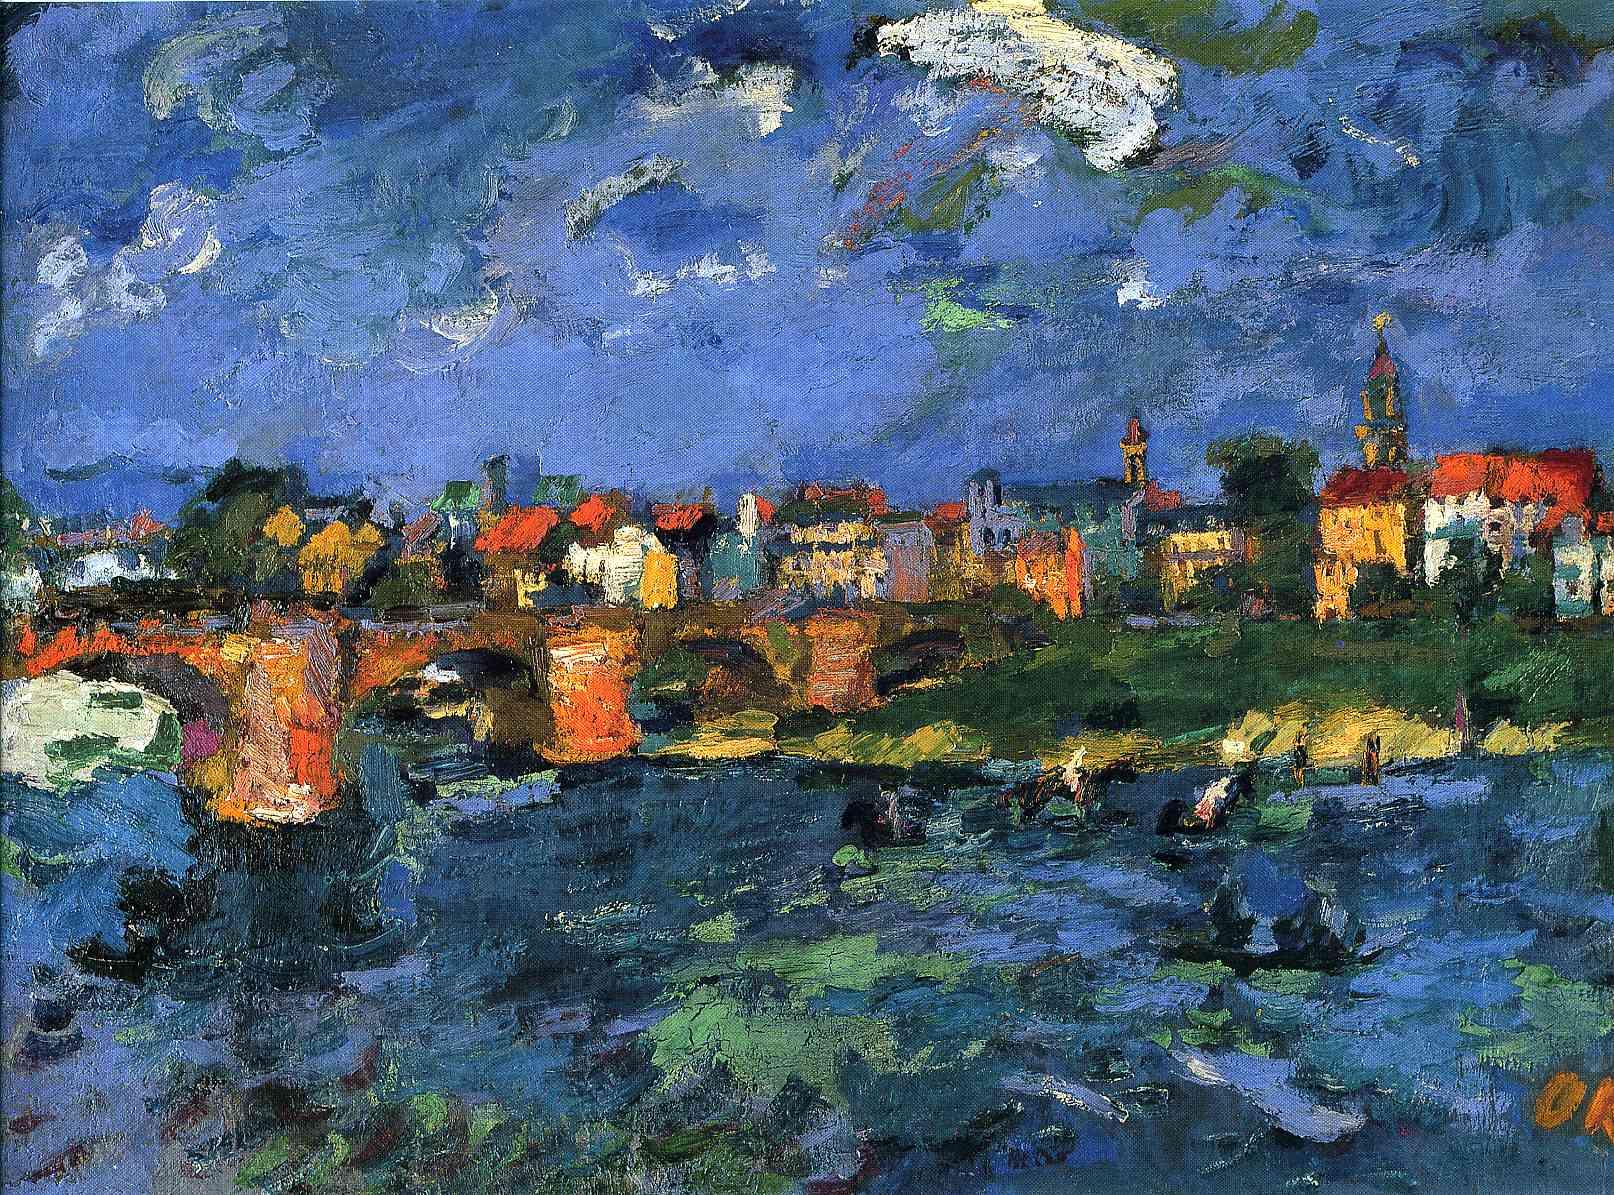 German Expressionist painter Oskar Kokoschka Dresden Neustadt